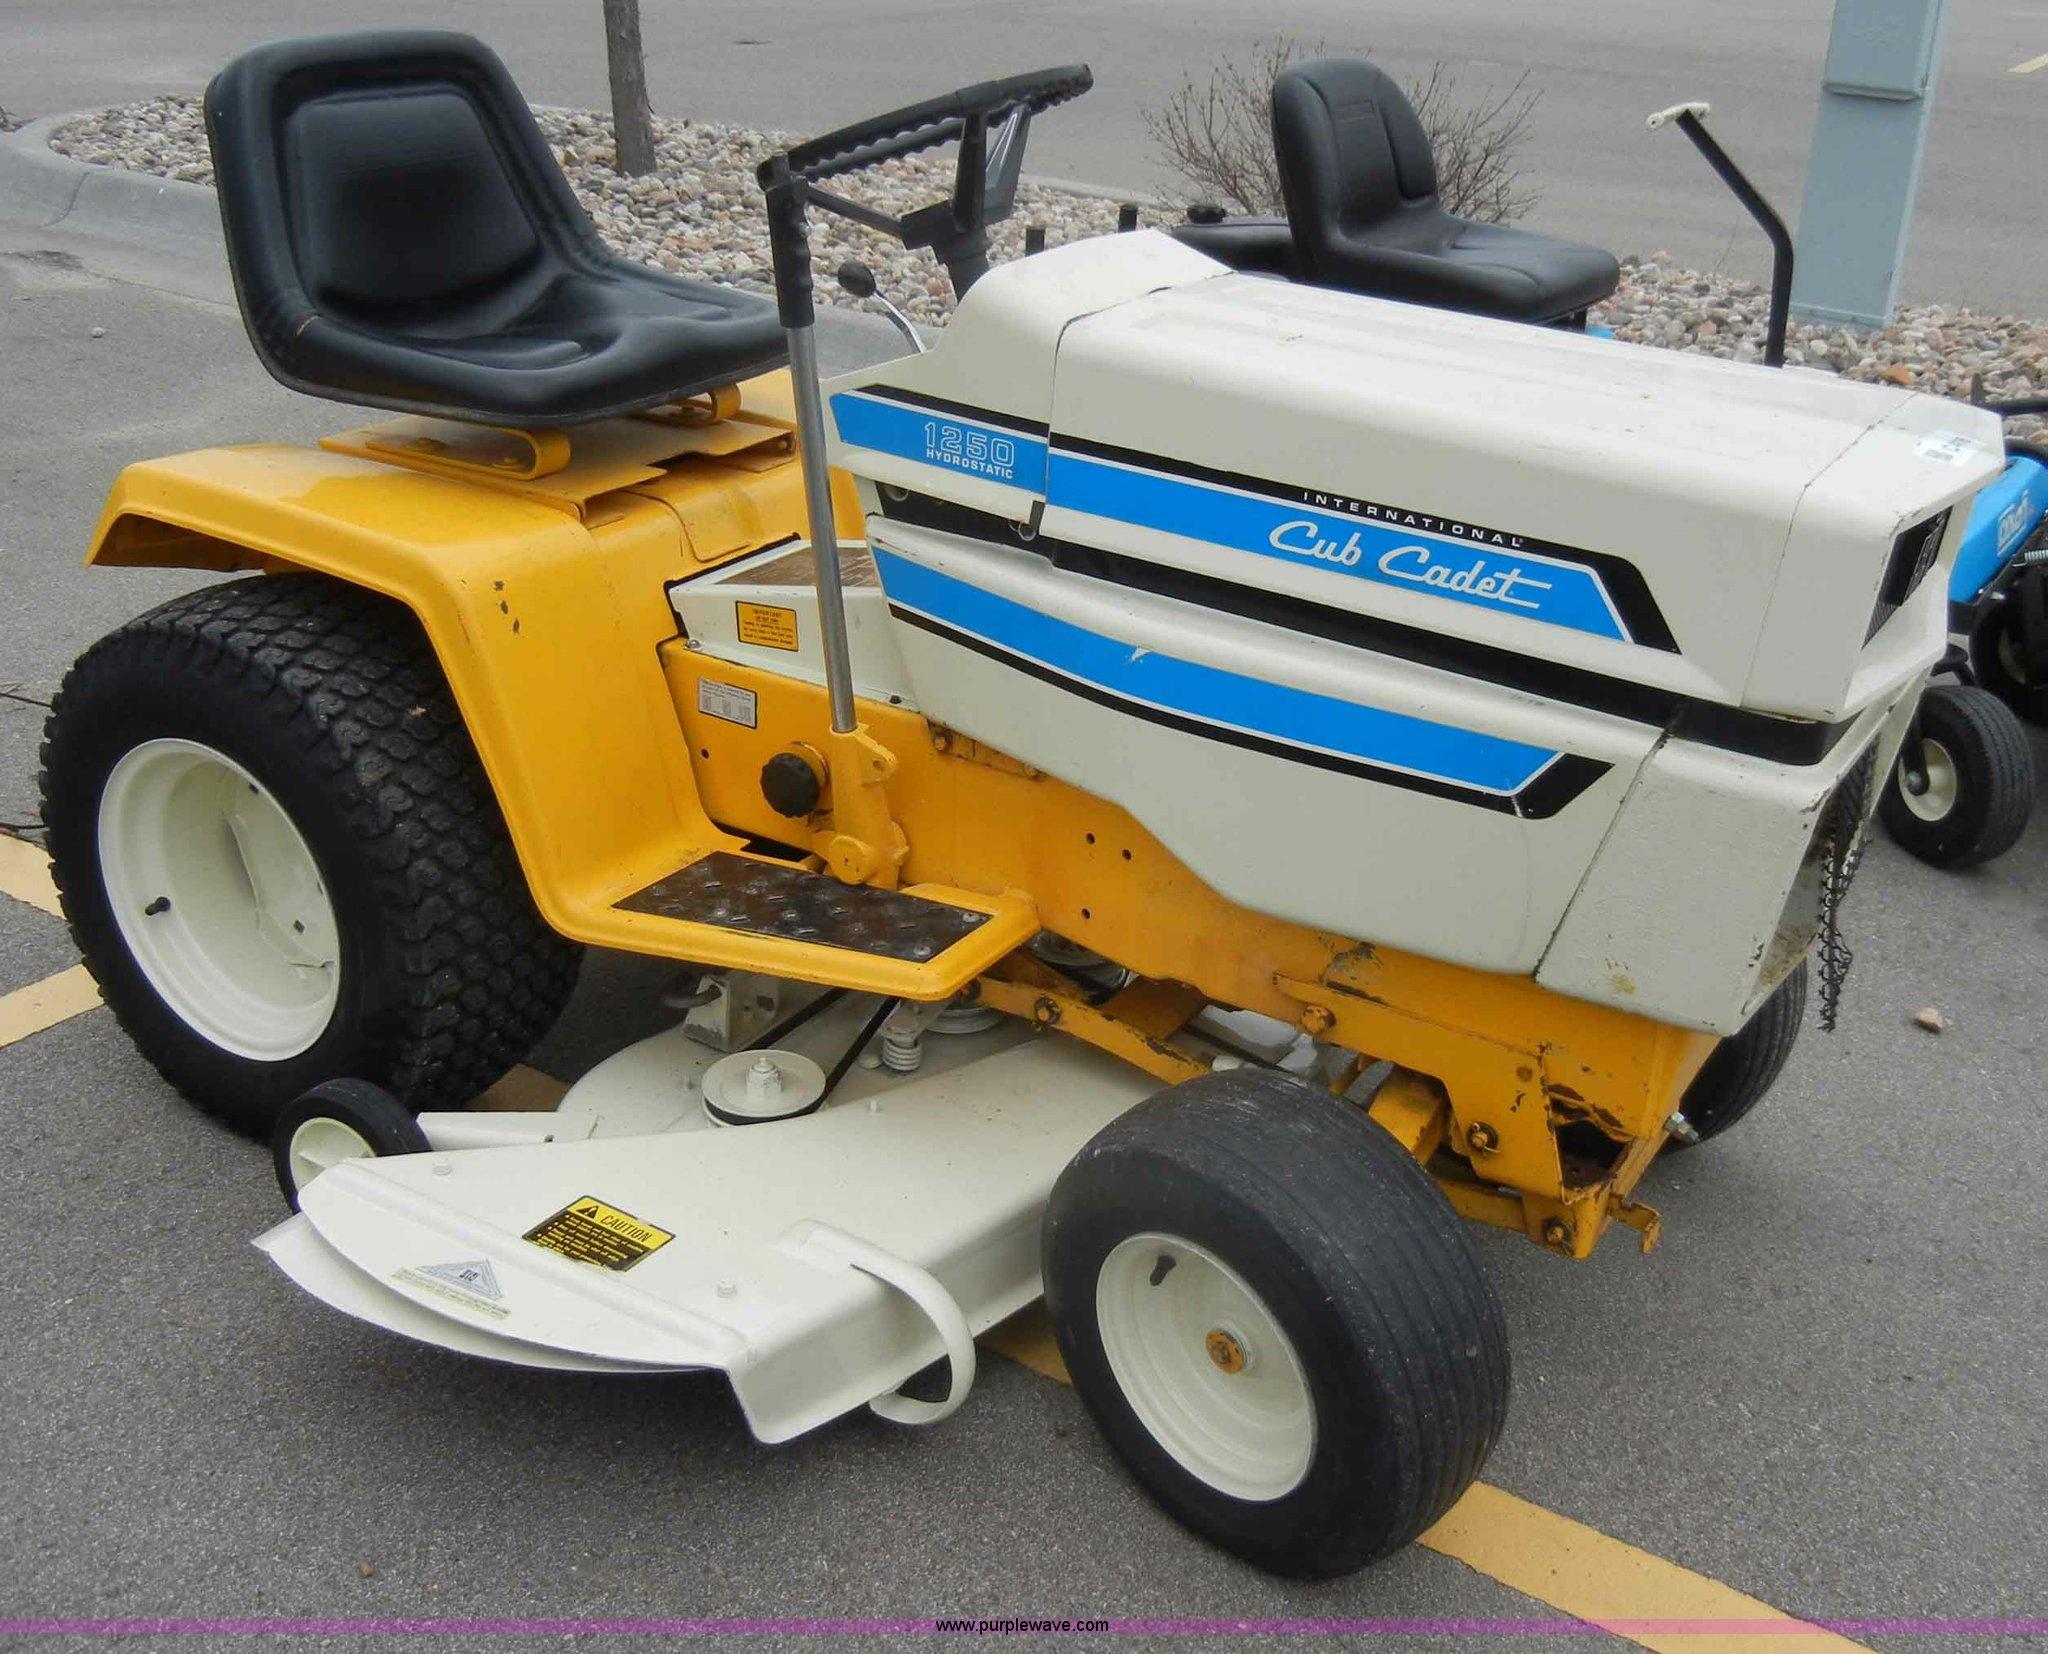 Cub Cadet 1250 Lawn Mower